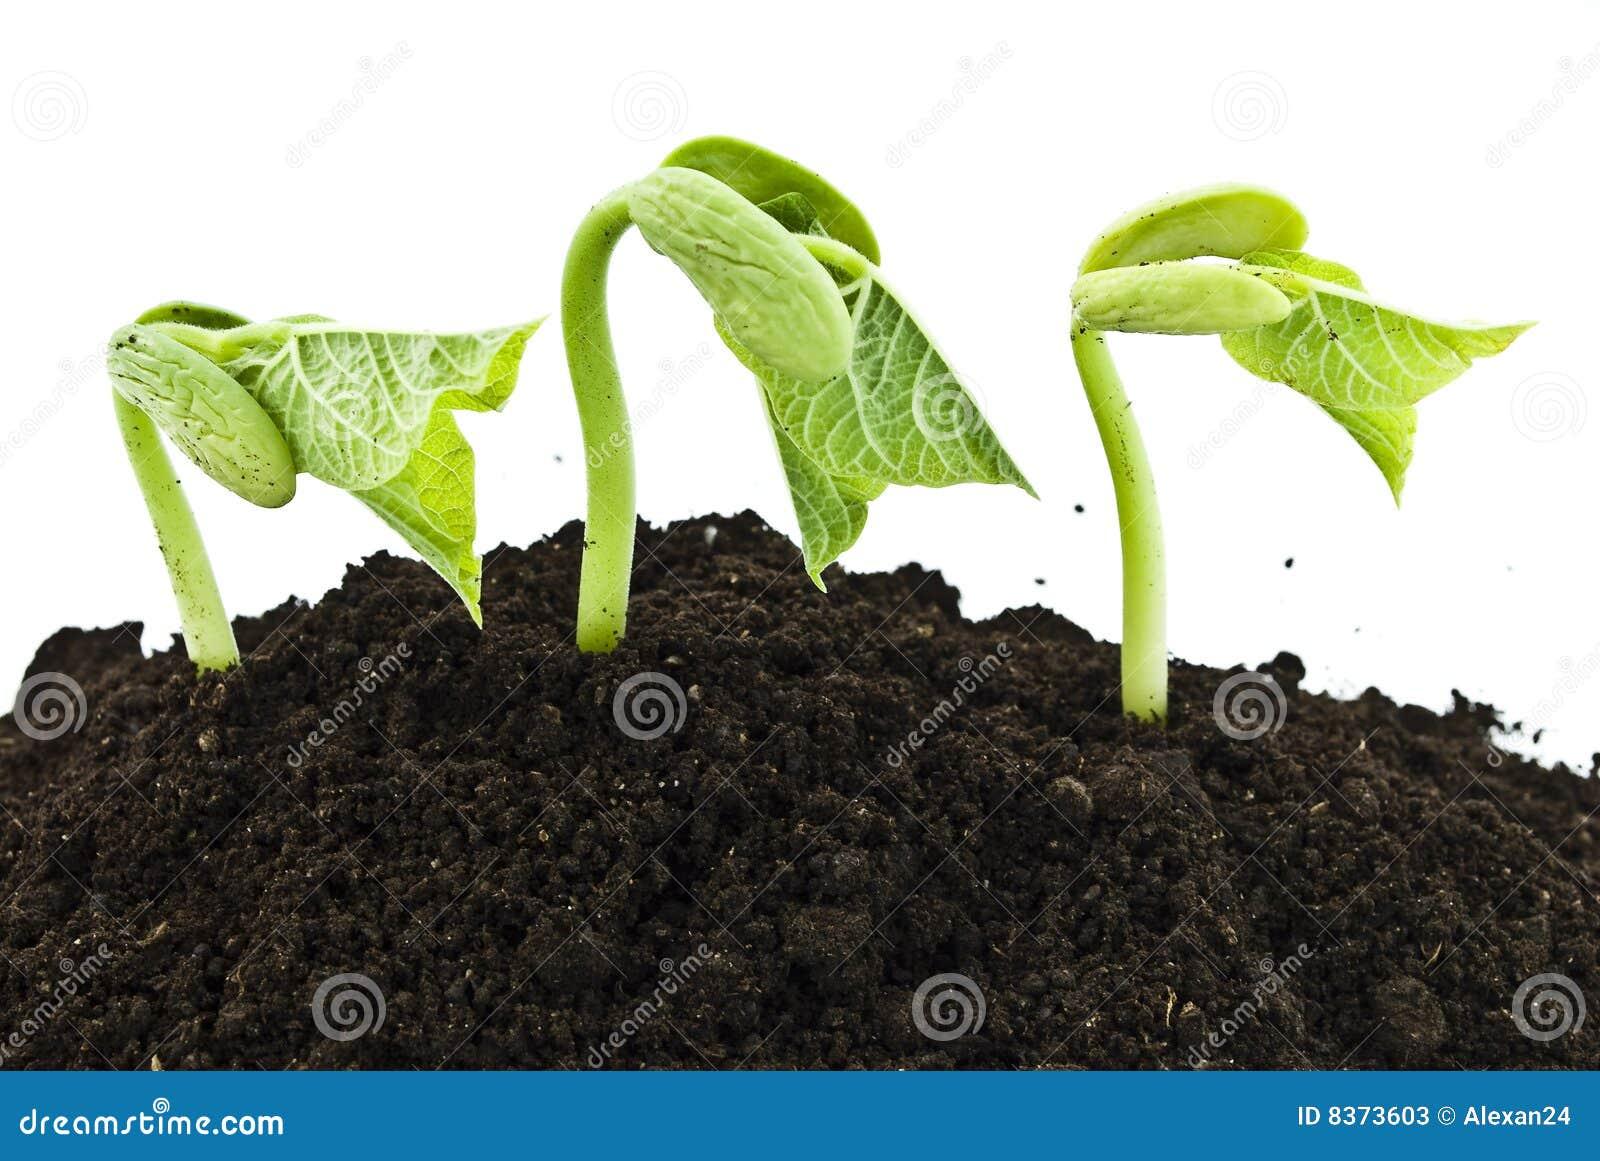 germinated peas report